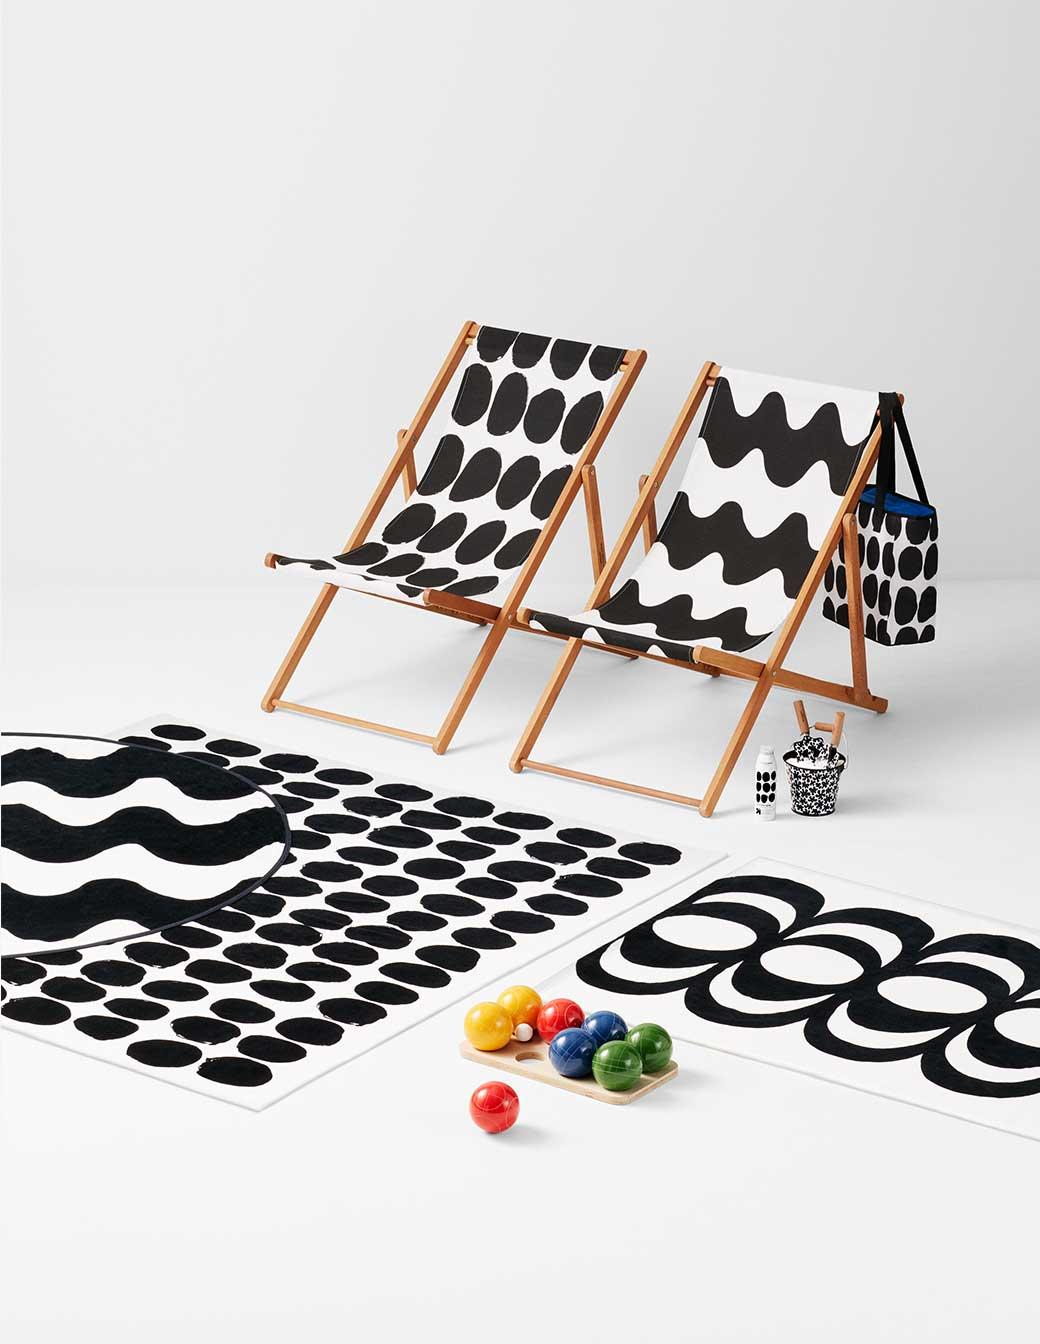 Marimekko for Target indoor/outdoor collection via @thouswellblog